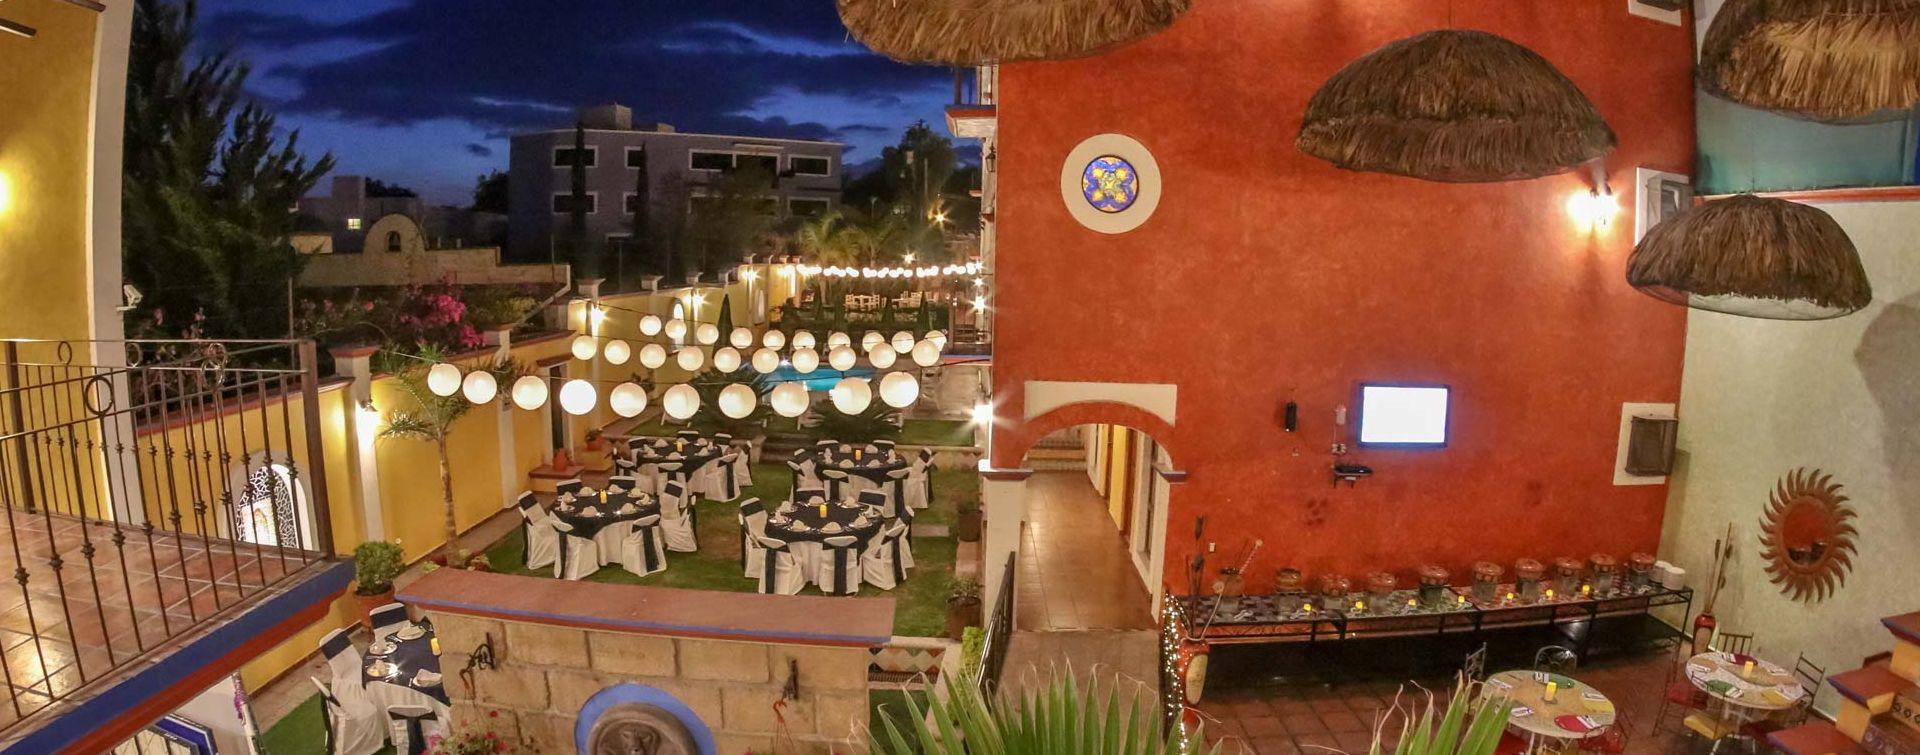 Grupos Y Eventos La Casona Tequisquiapan Hotel Spa